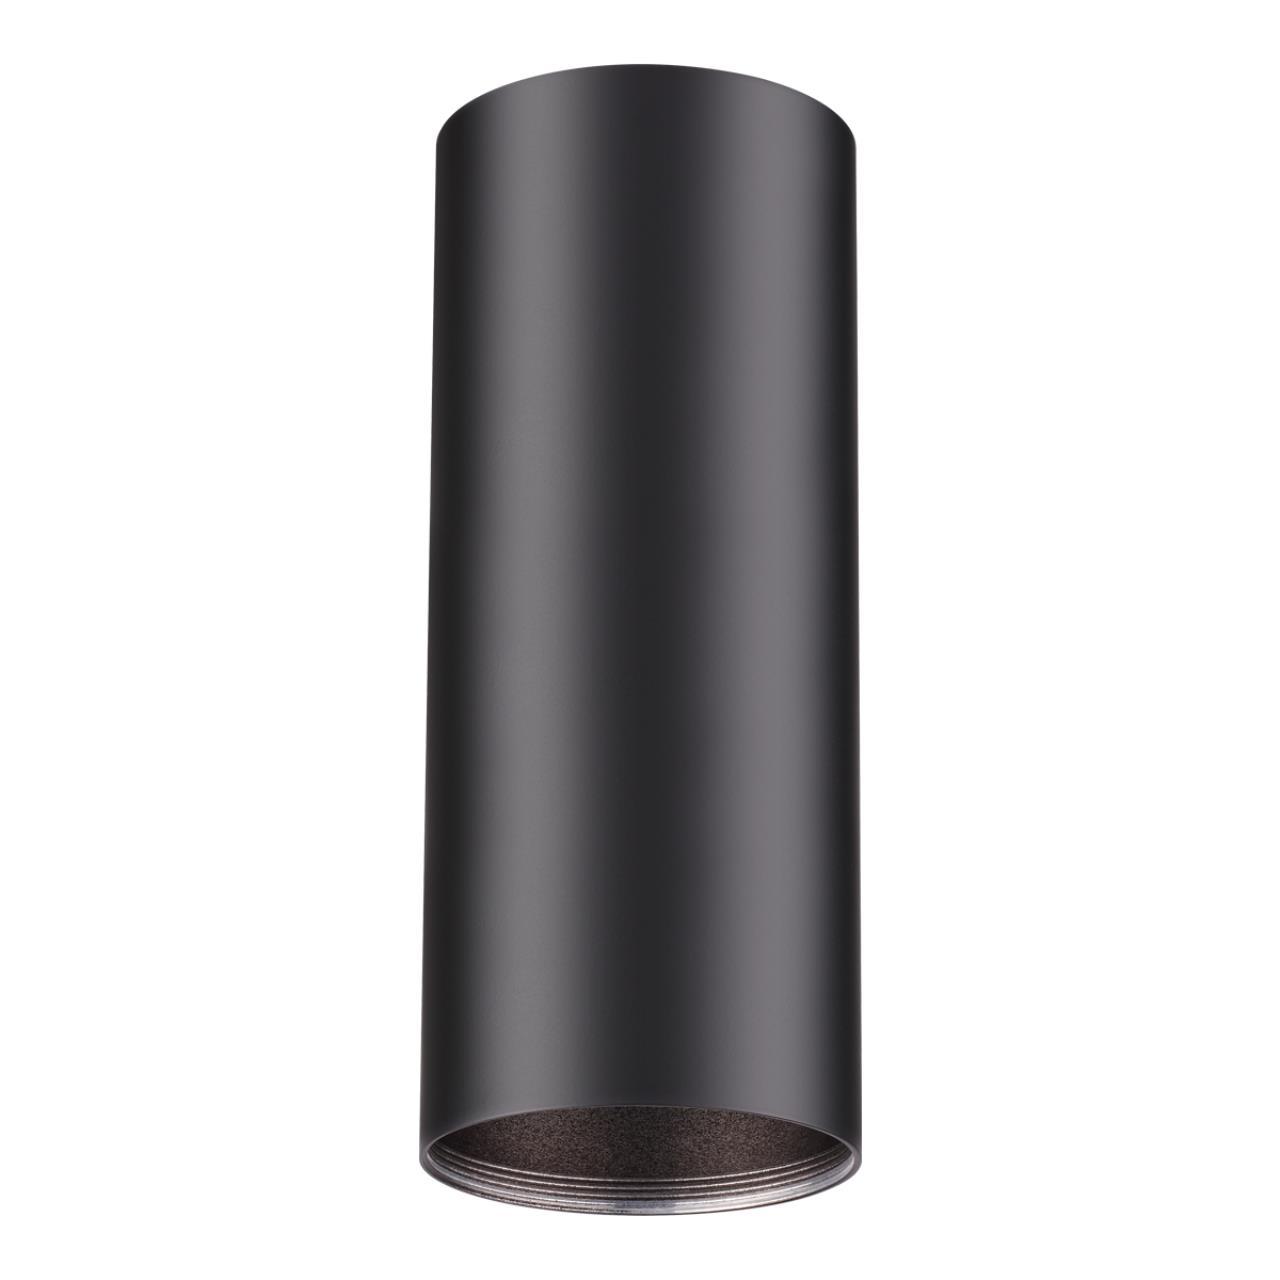 370533 KONST NT19 029 черный Накладной светильник IP20 GU10 220V UNITE